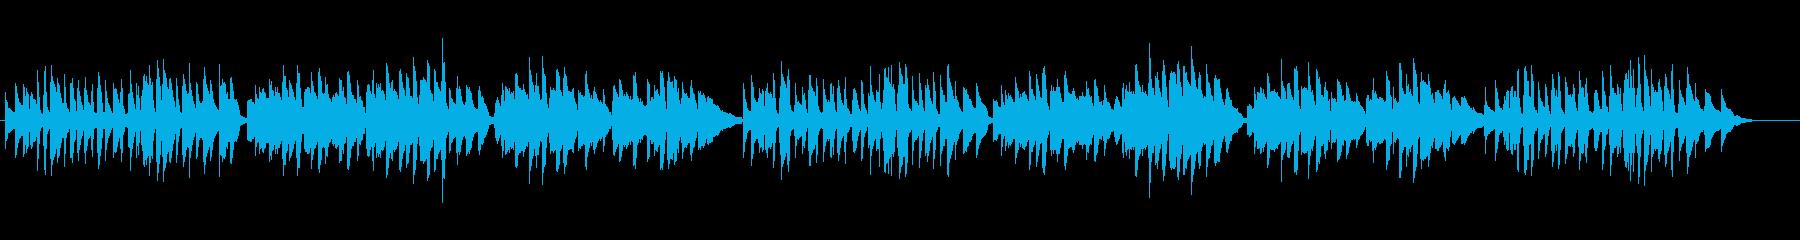 ピアノソロ「アルバムの綴り」の再生済みの波形